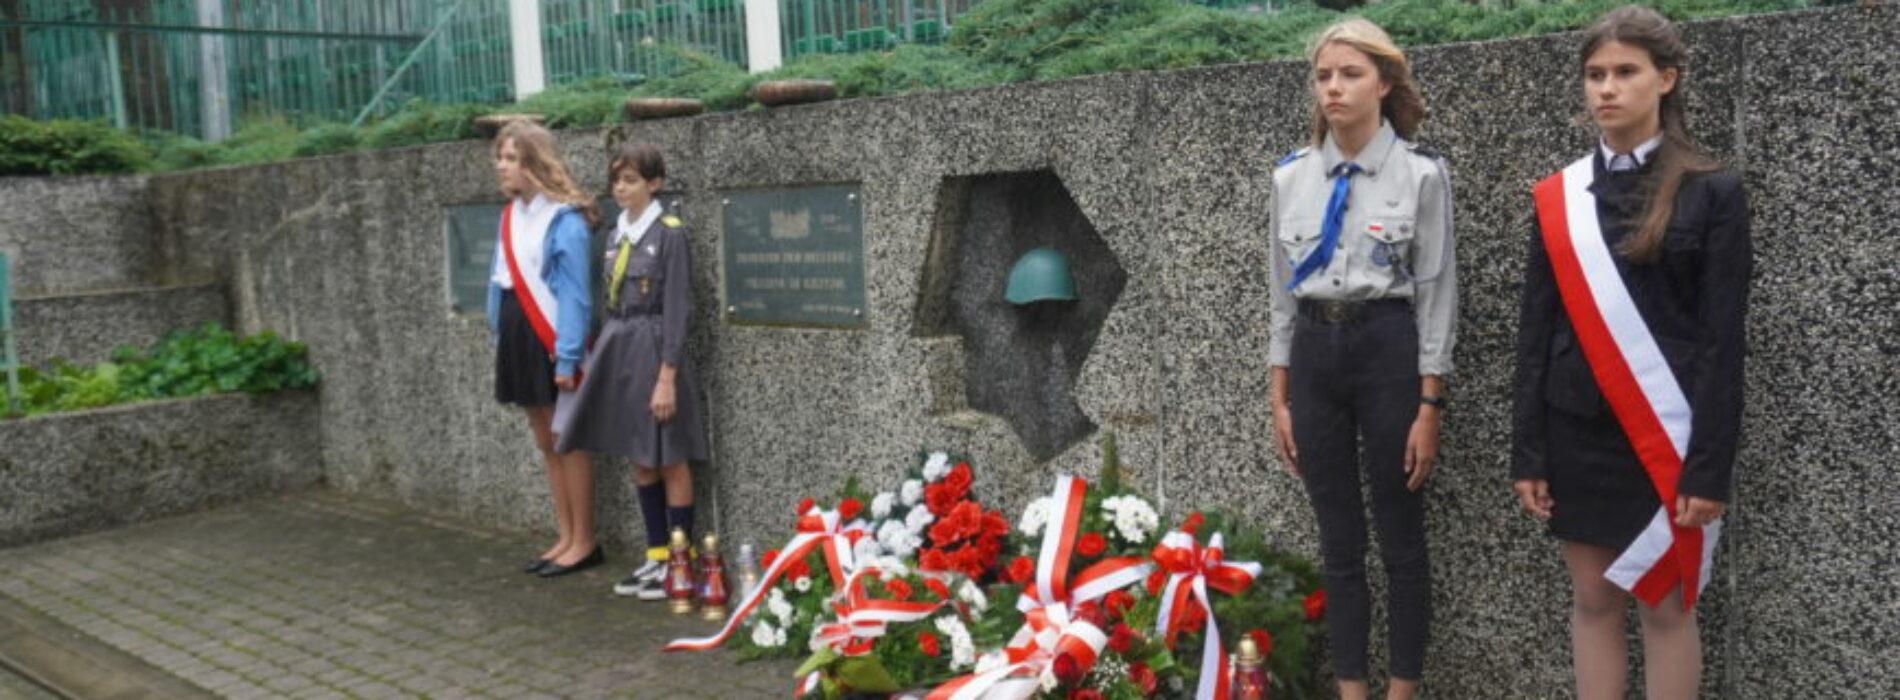 Hołd ofiarom II wojny światowej